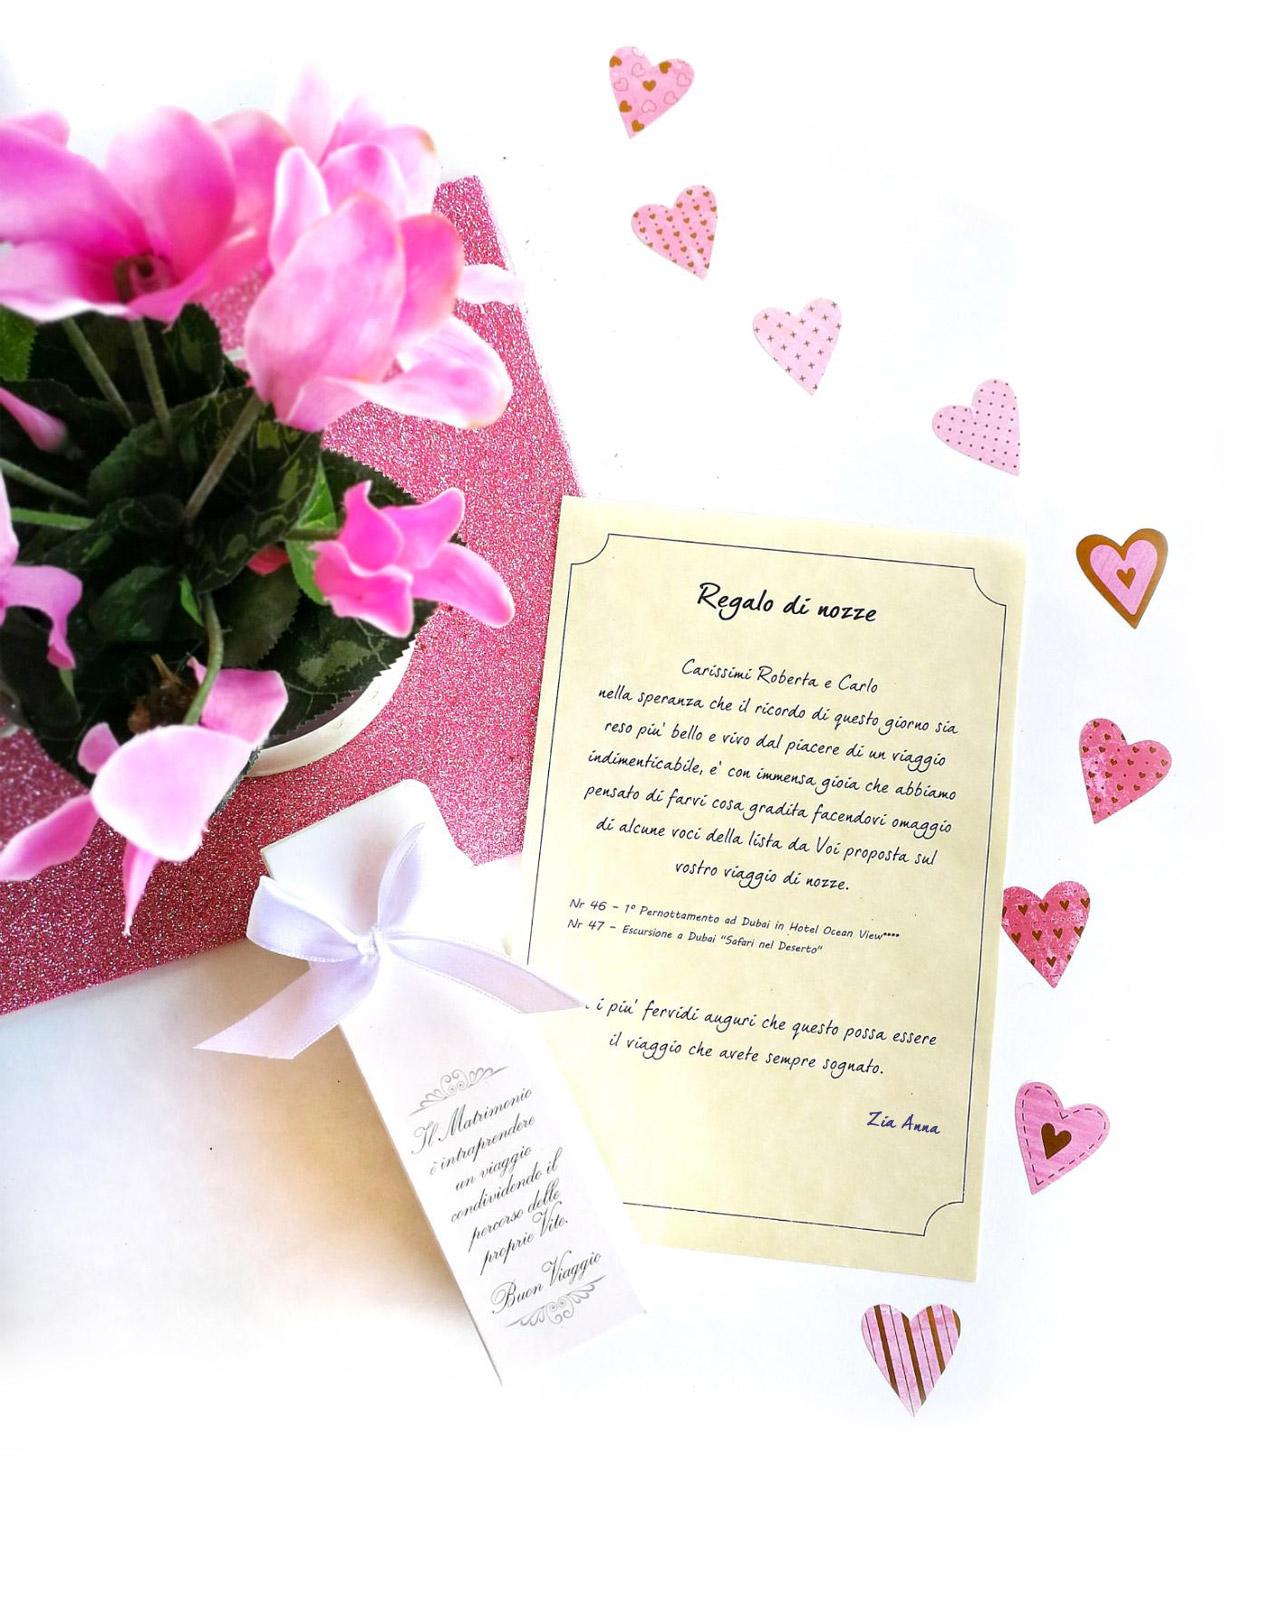 Matrimonio Auguri Viaggio : Le frasi di auguri più belle da dedicare agli sposi